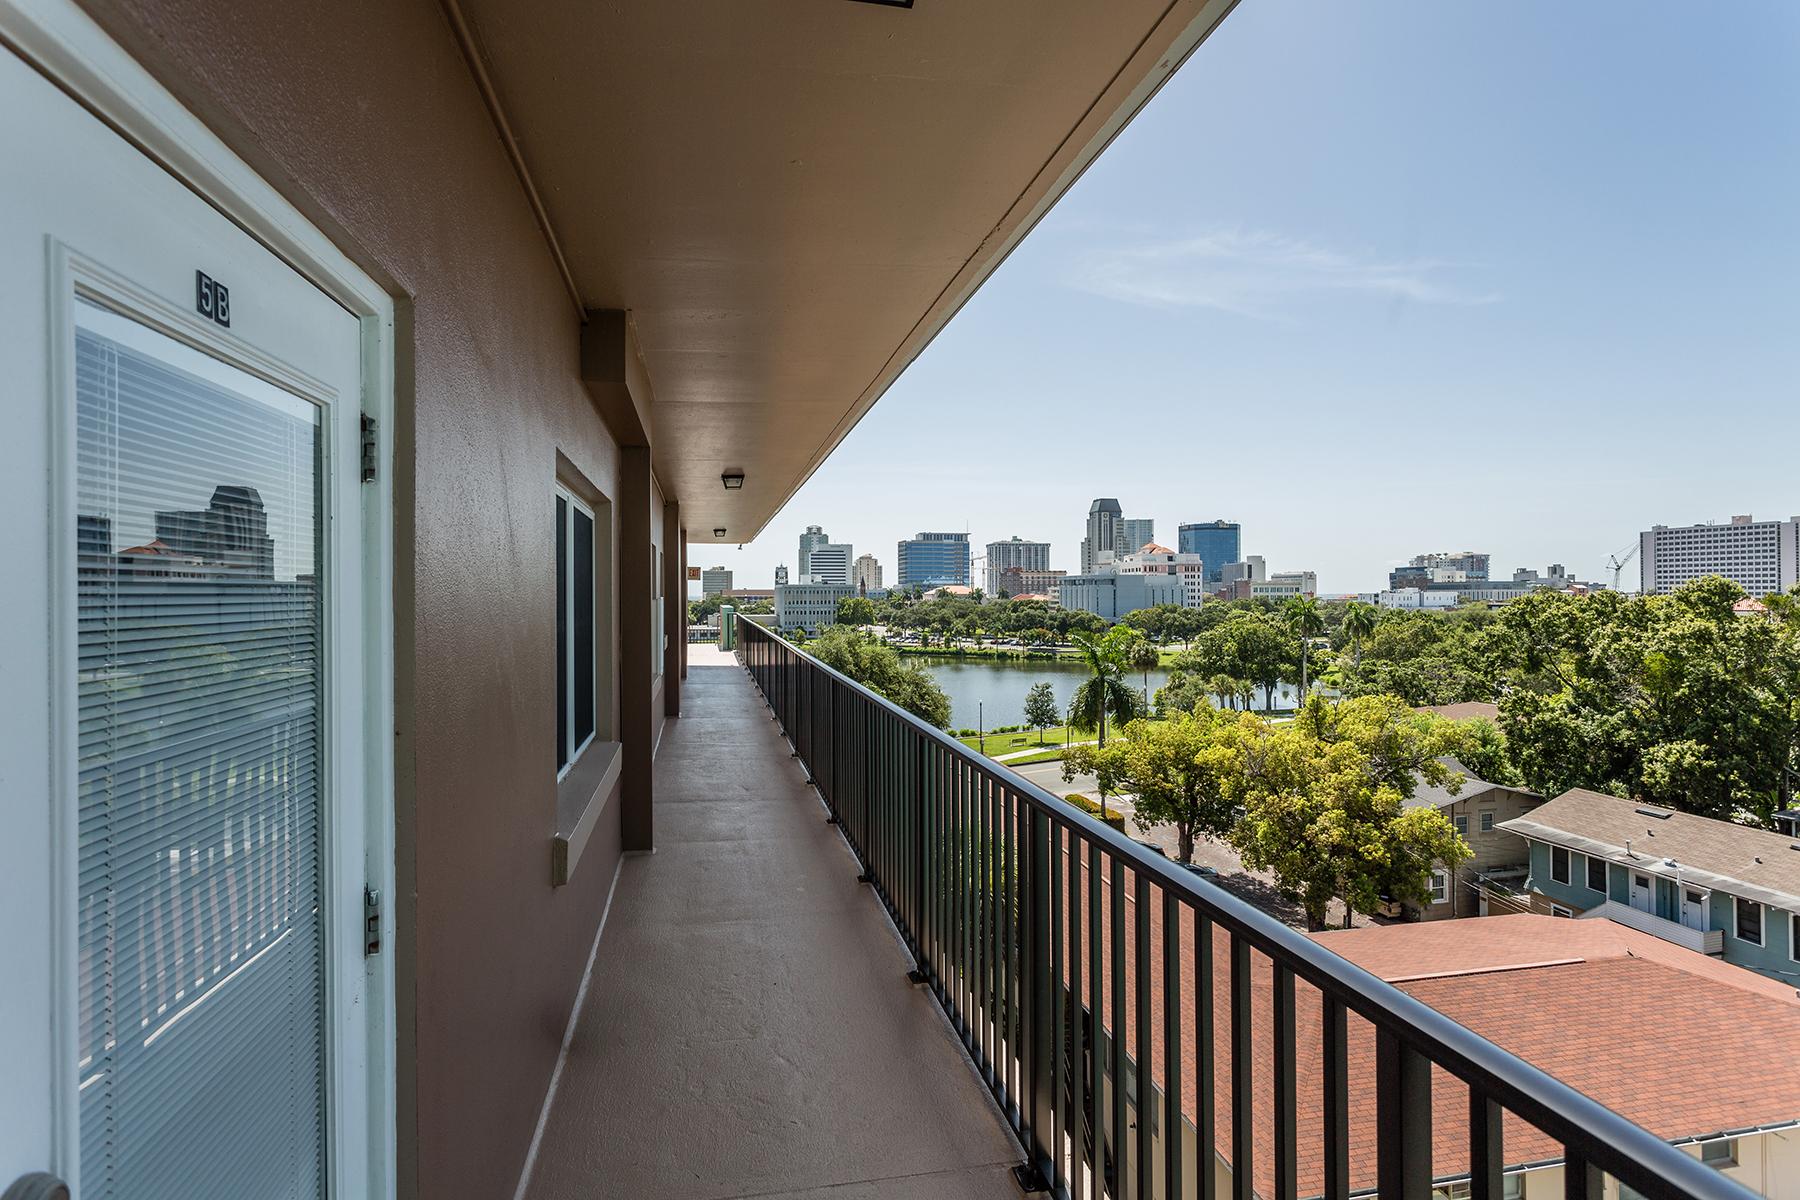 Apartamento por un Venta en DOWNTOWN ST PETE 750 Burlington Ave N 5B St. Petersburg, Florida, 33701 Estados Unidos